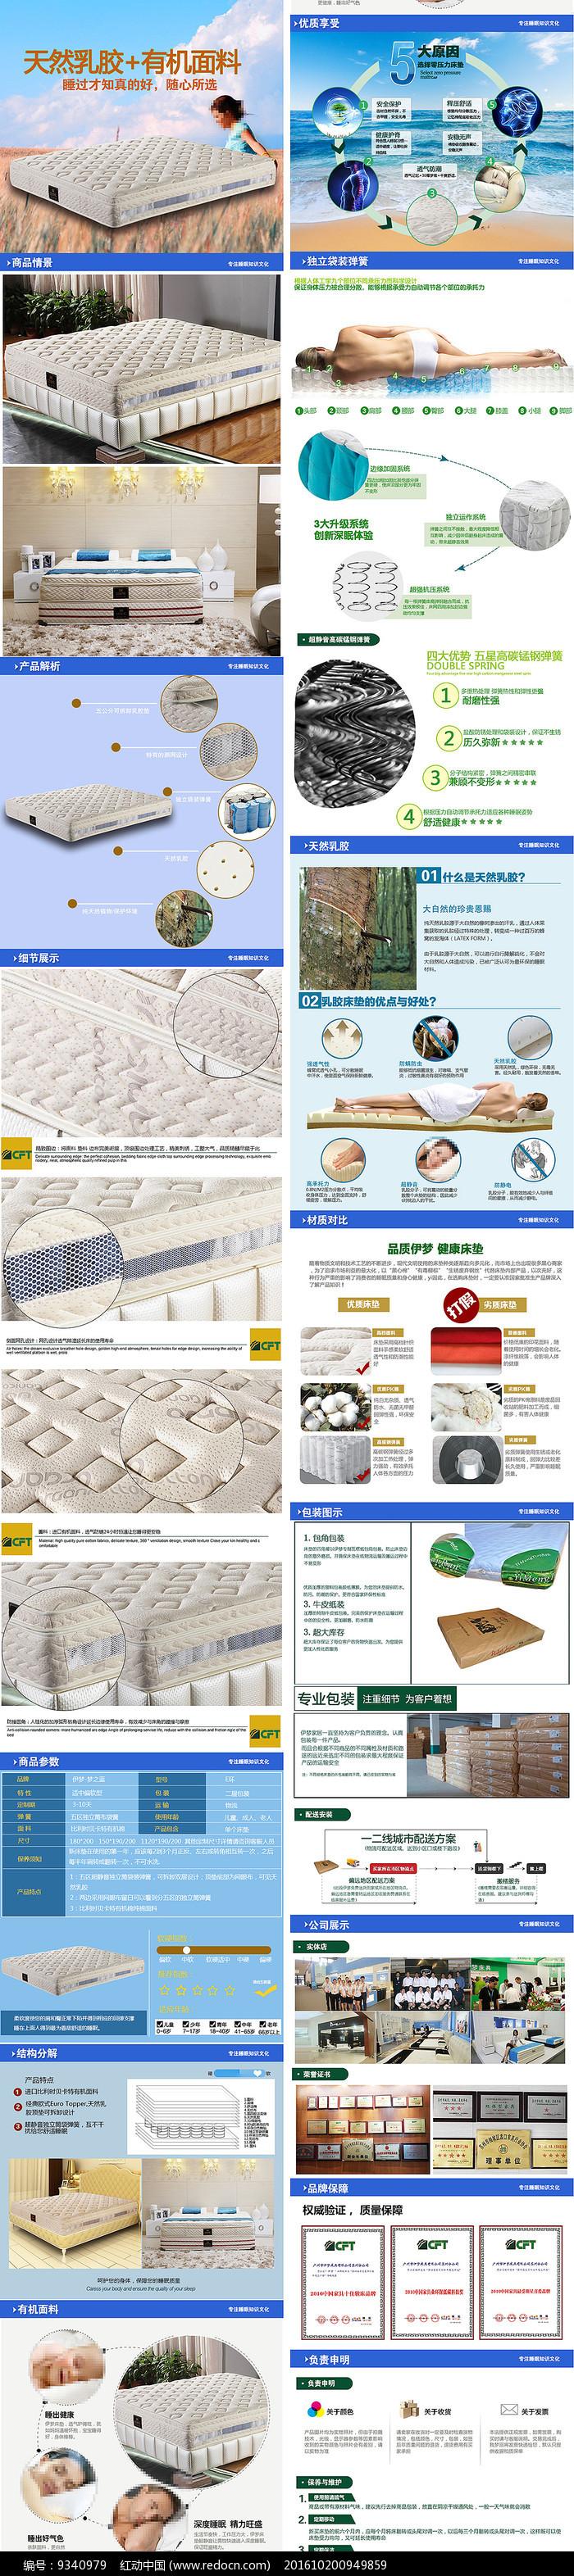 乳胶床垫详情页设计图片